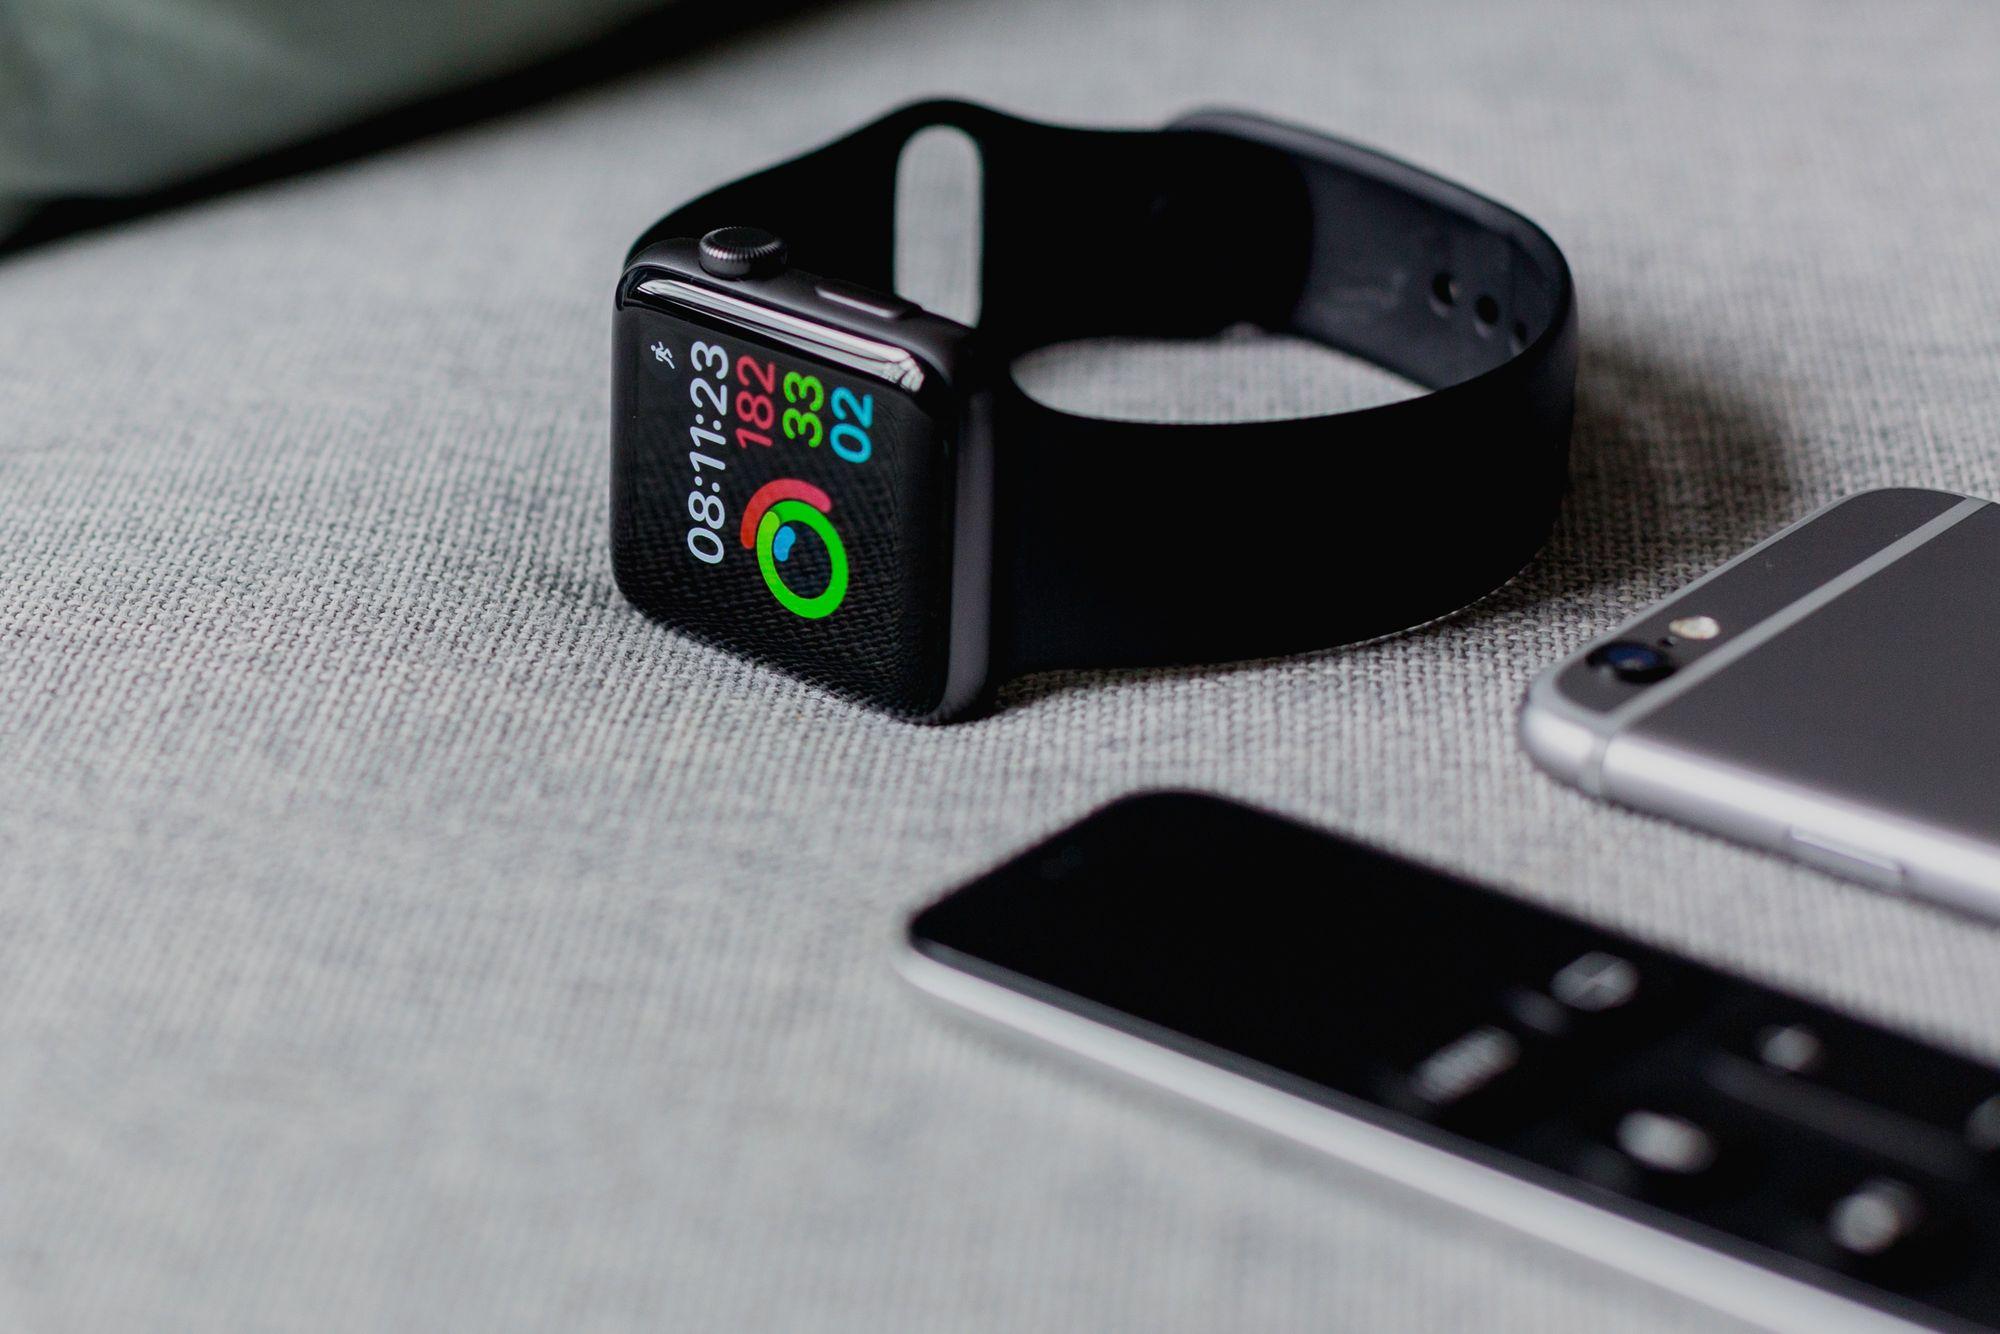 Apple Watch com ecrã de atividade.